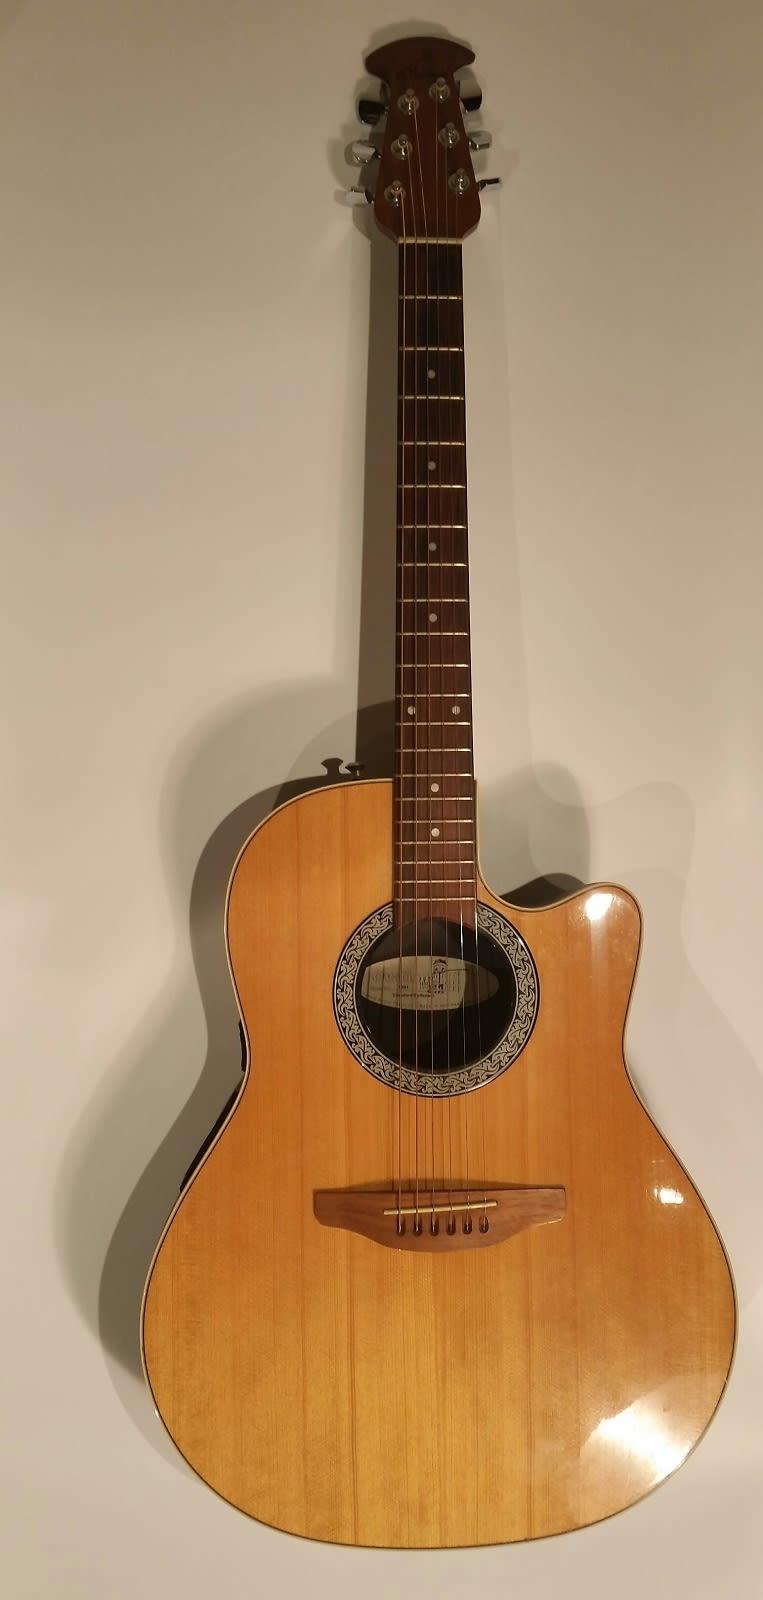 ovation 1861 standard balladeer acoustic electric guitar reverb. Black Bedroom Furniture Sets. Home Design Ideas